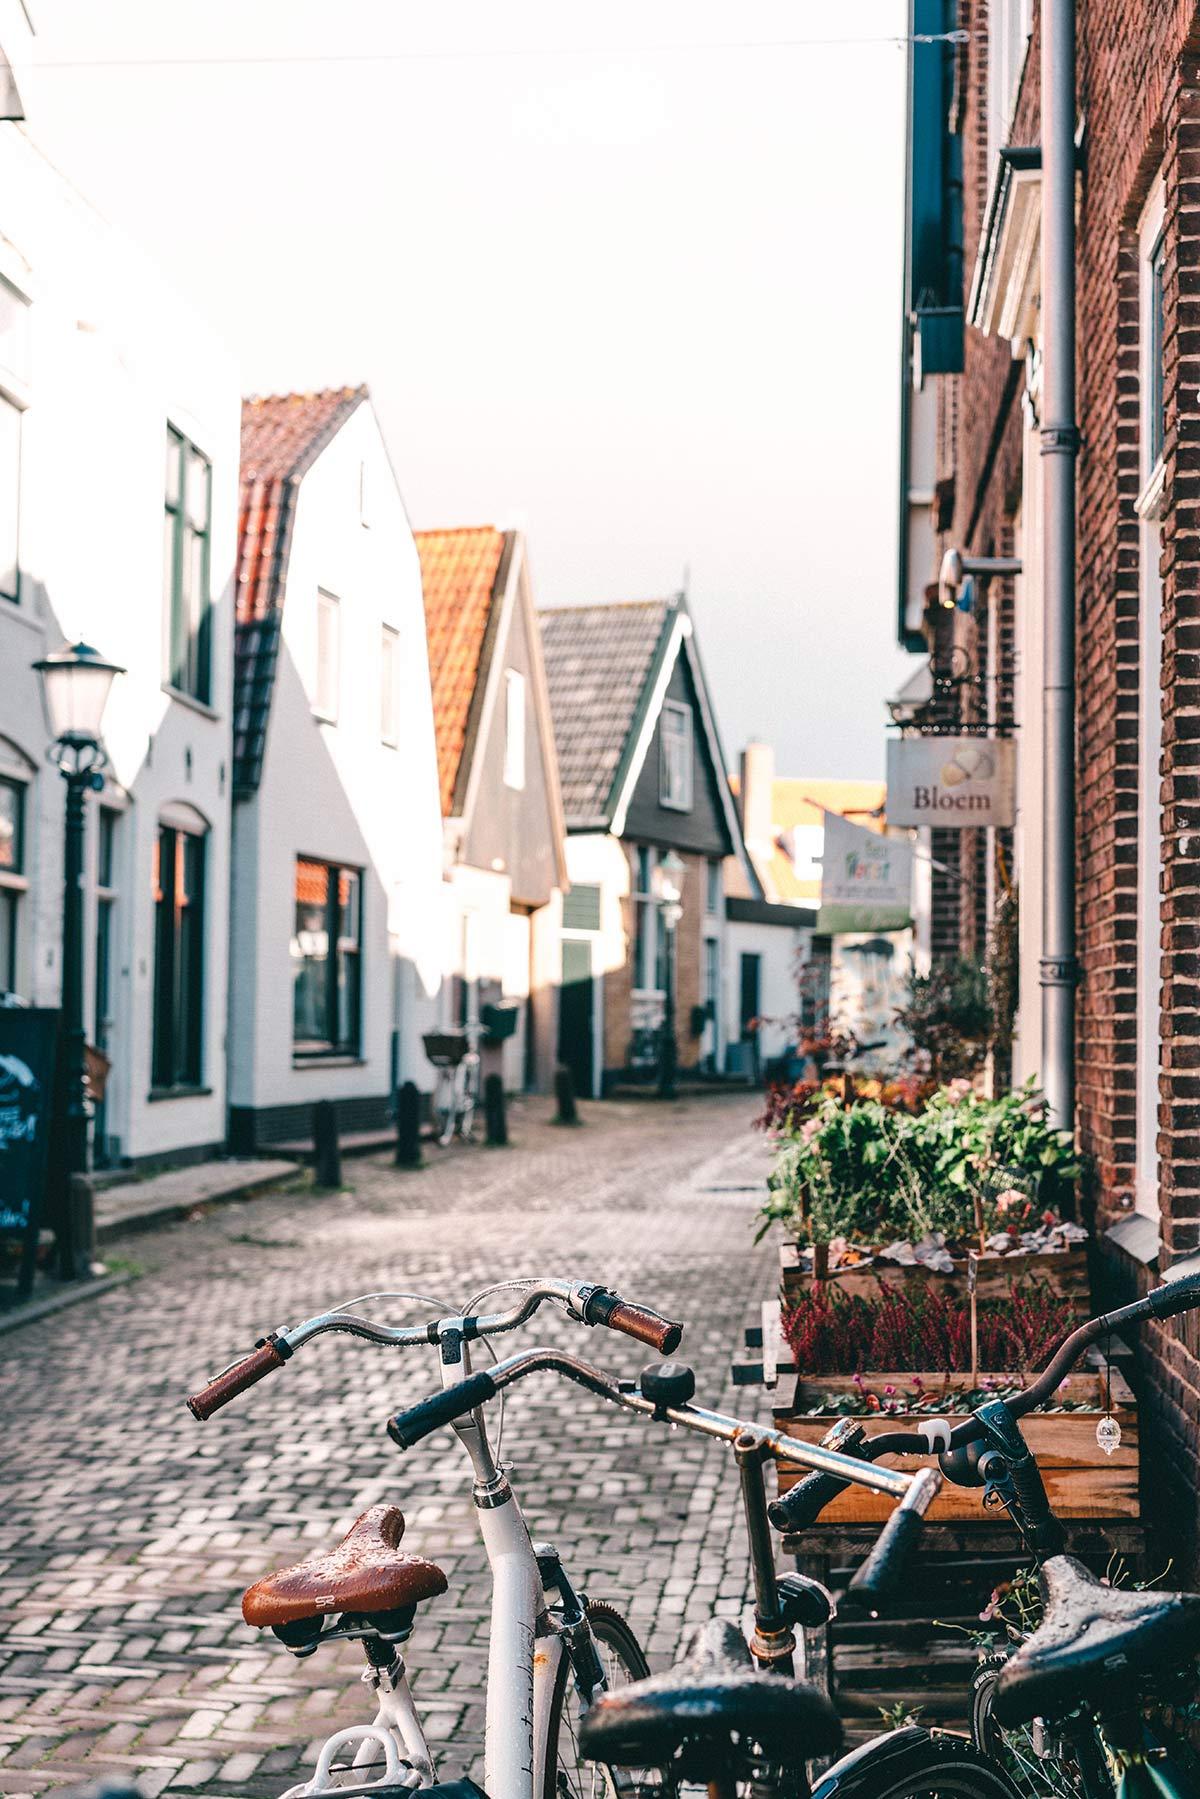 Texel den Burg